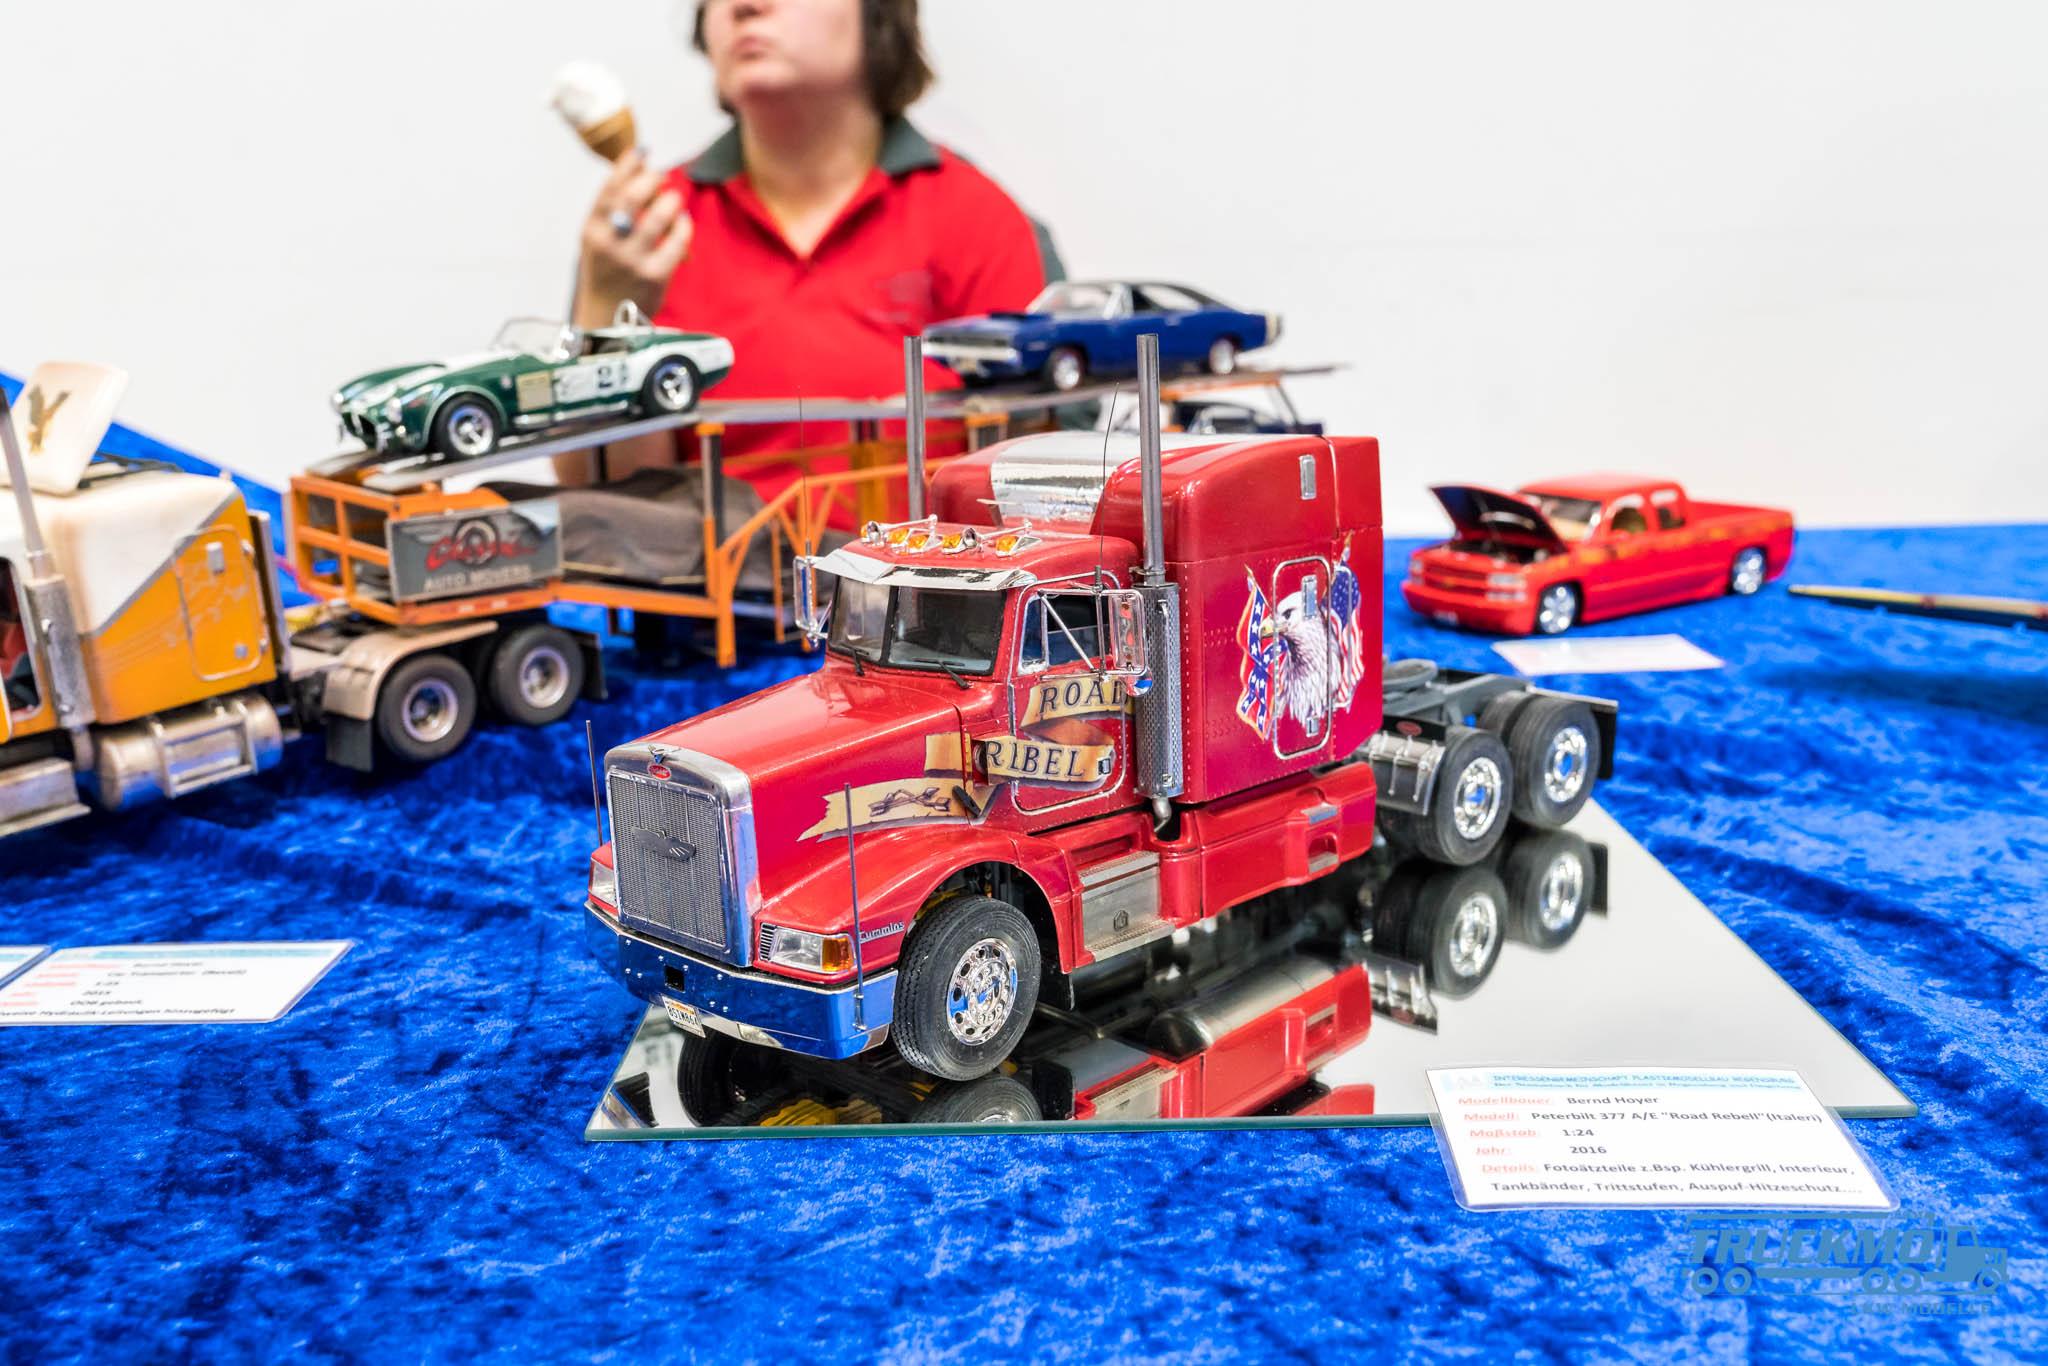 Truckmo_Modellbau_Ried_2017_Herpa_Messe_Modellbauausstellung (502 von 1177)